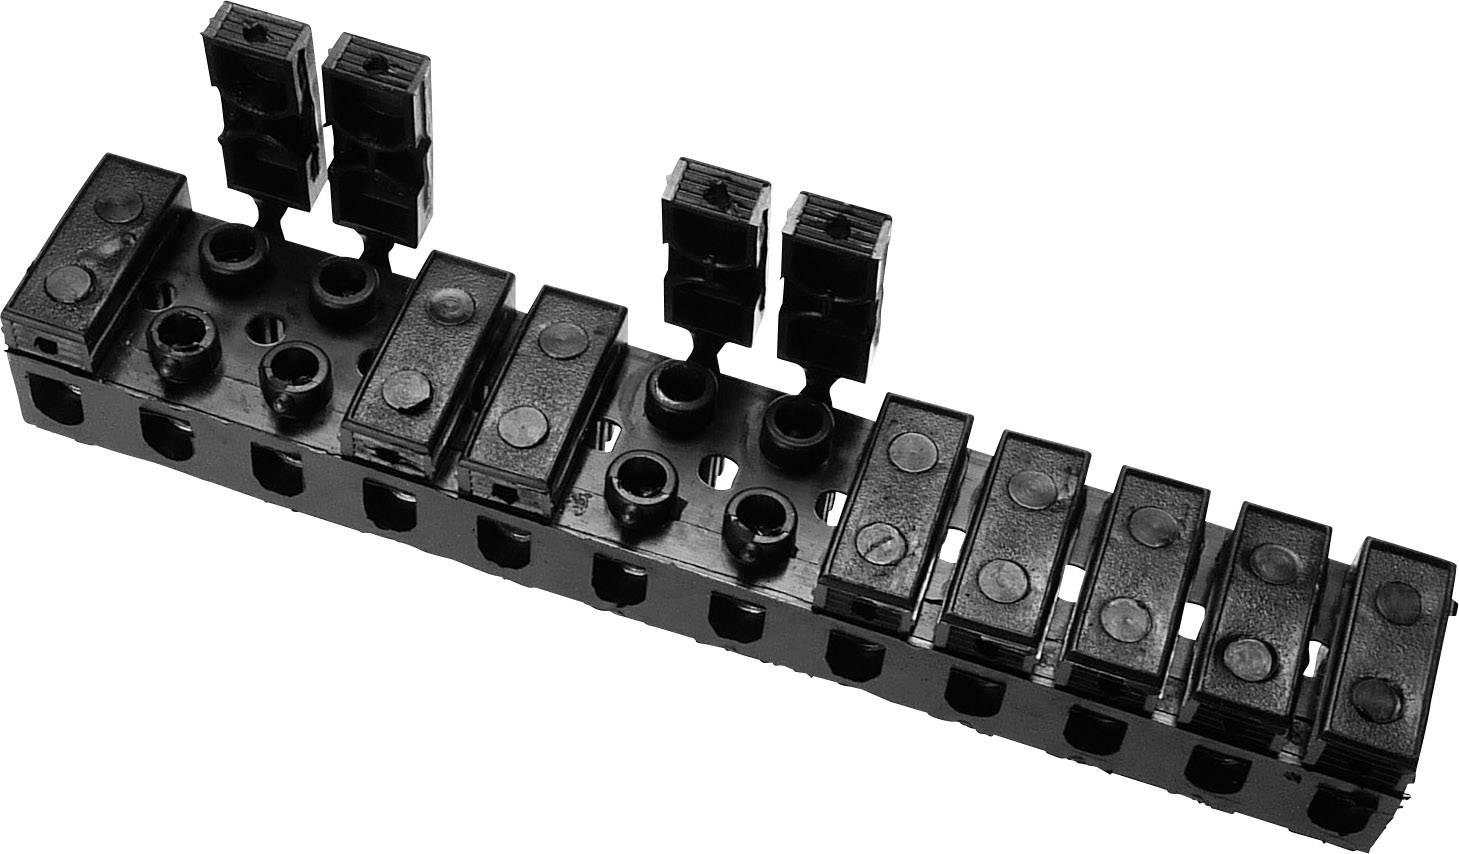 Svietidlové svorky 612138 na kábel s rozmerom -6 mm², tuhosť -6 mm², počet pinov 12, 1 ks, čierna